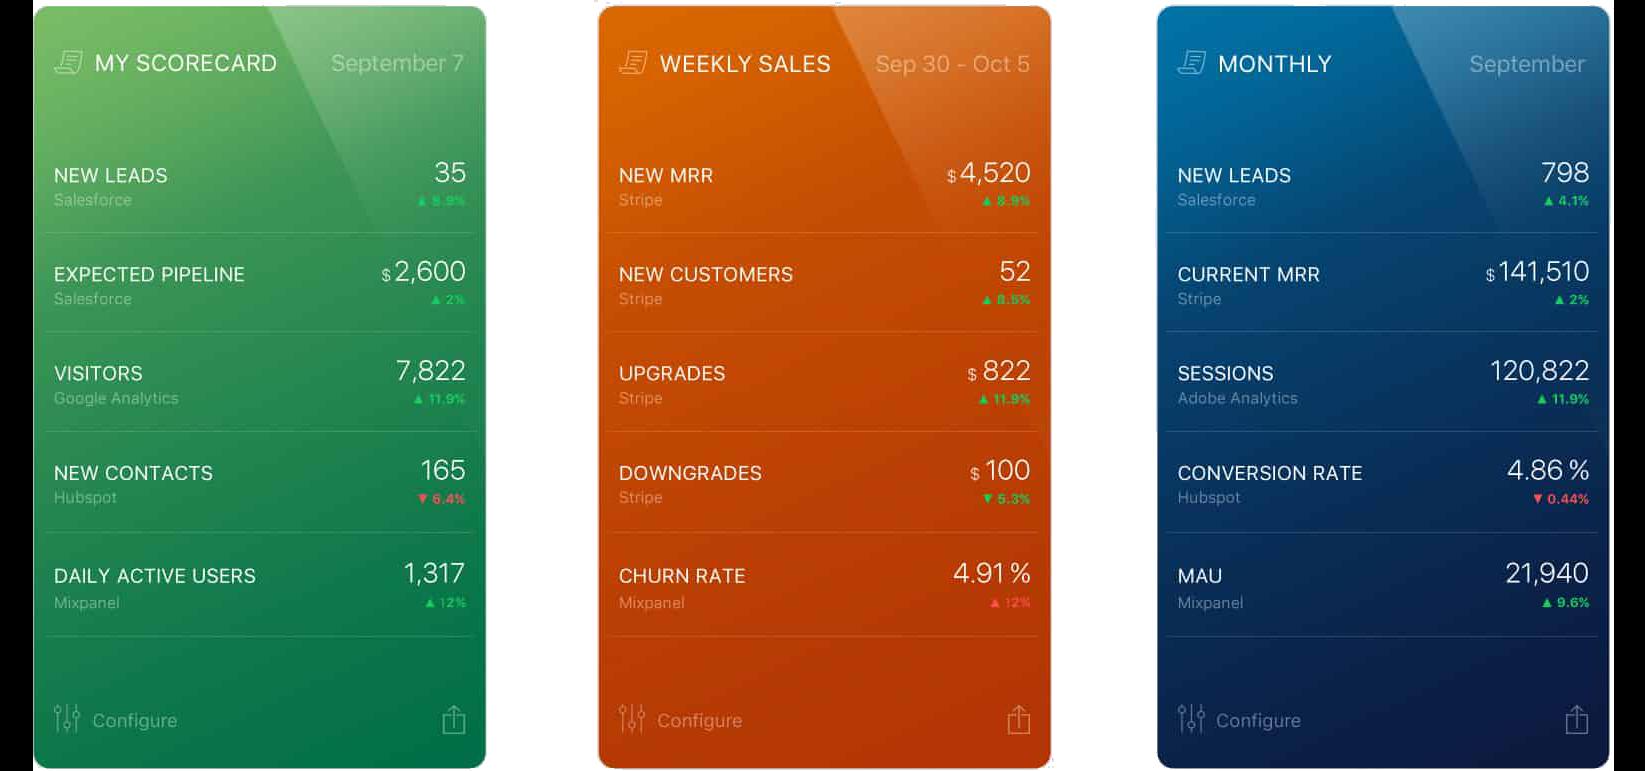 Databox Scorecards